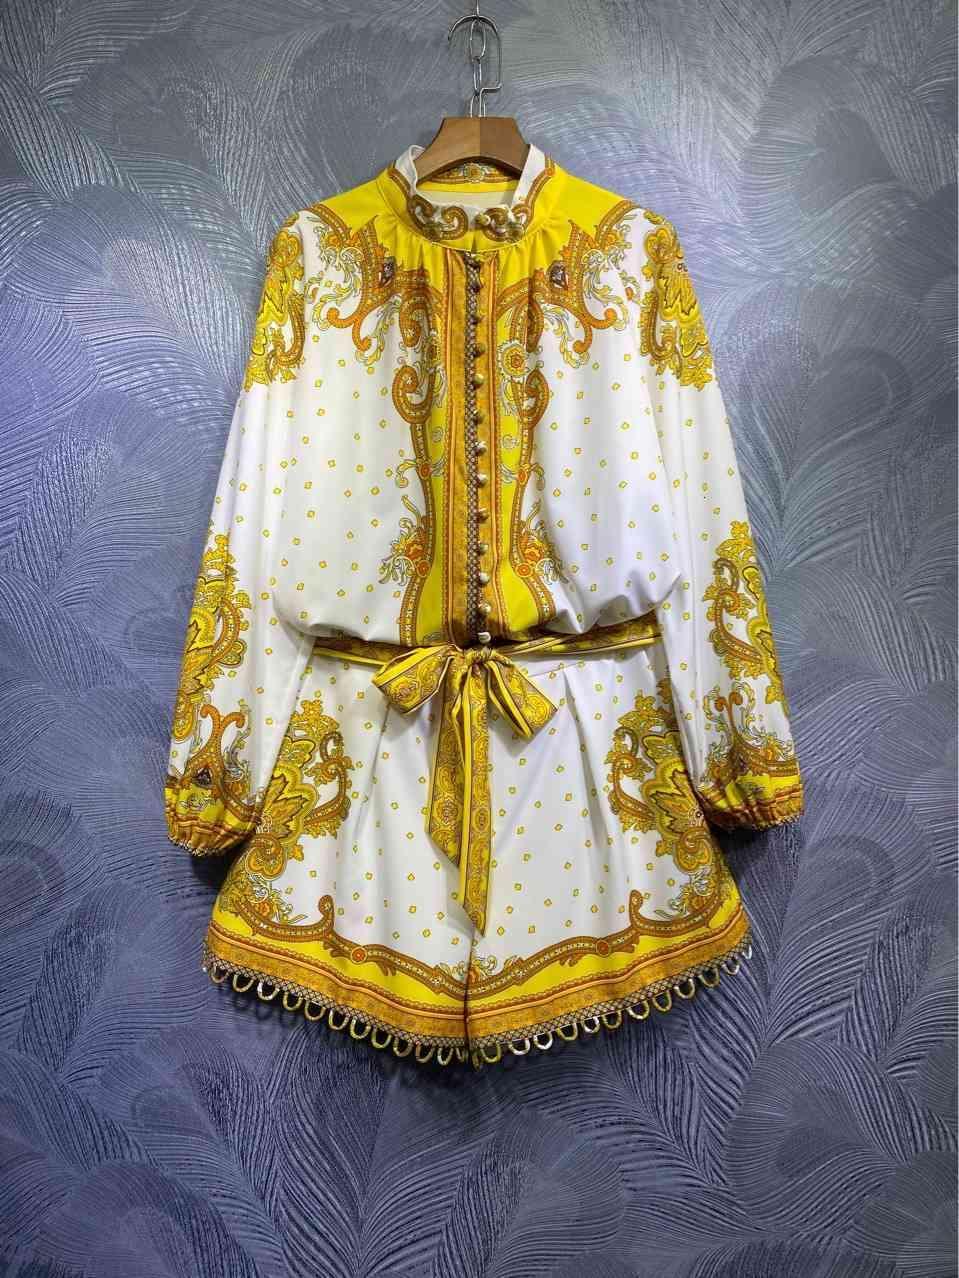 Австралия Зим Дворец Стиль Однобортская Печатная рубашка + Шорты набор